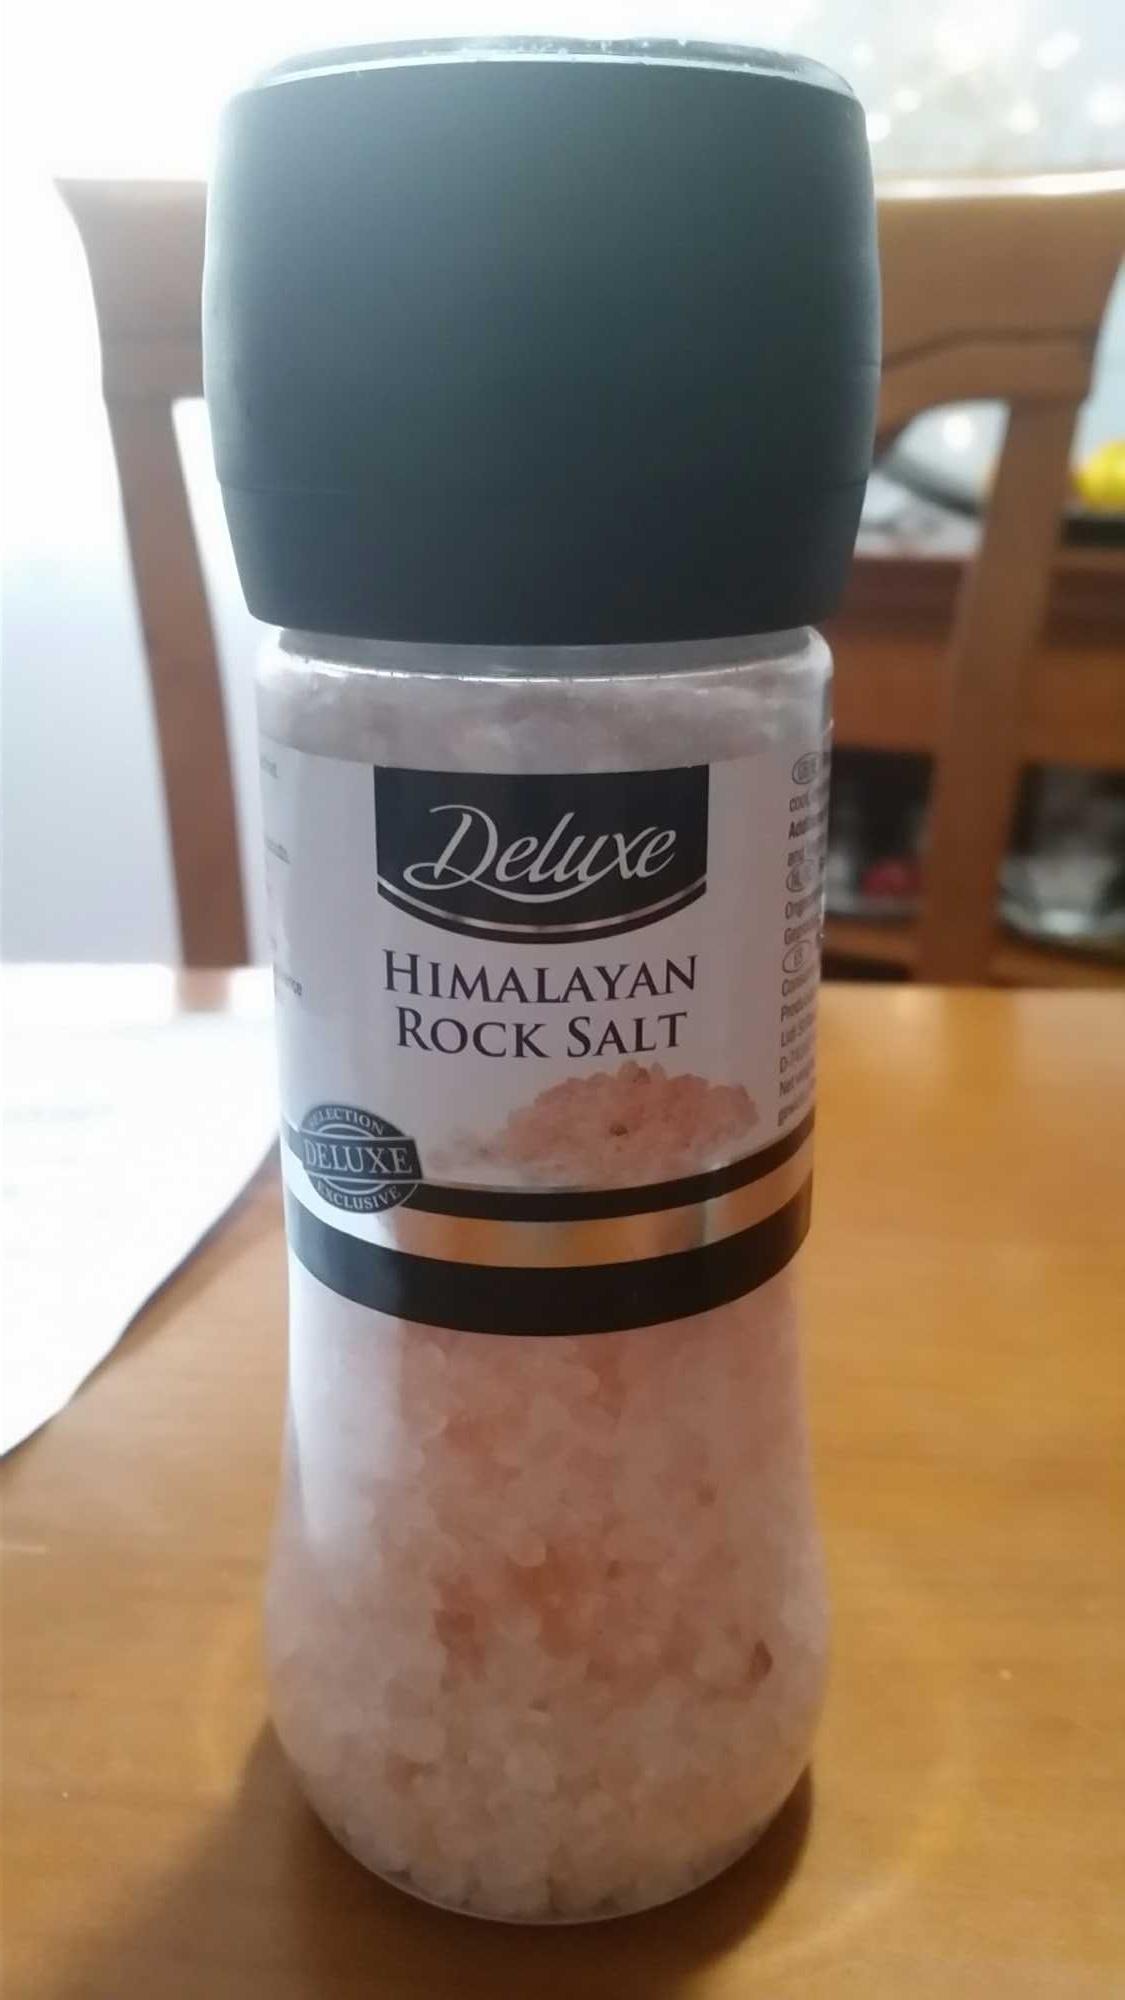 Himalayan Rock Salt - Product